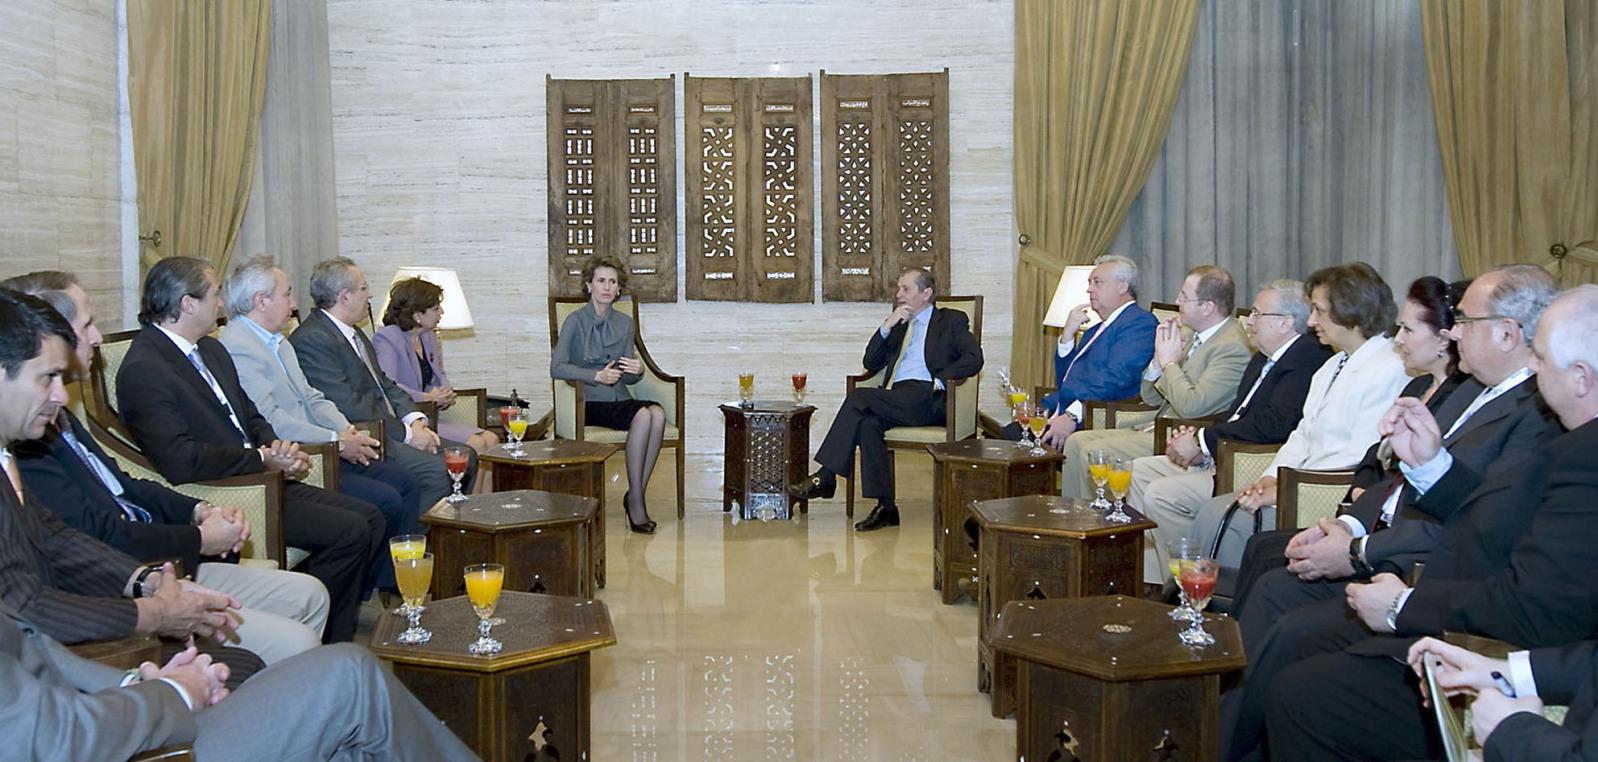 Asma Al Assad - Página 9 First-lady-asma-first-lady-asma-12159920-1598-762